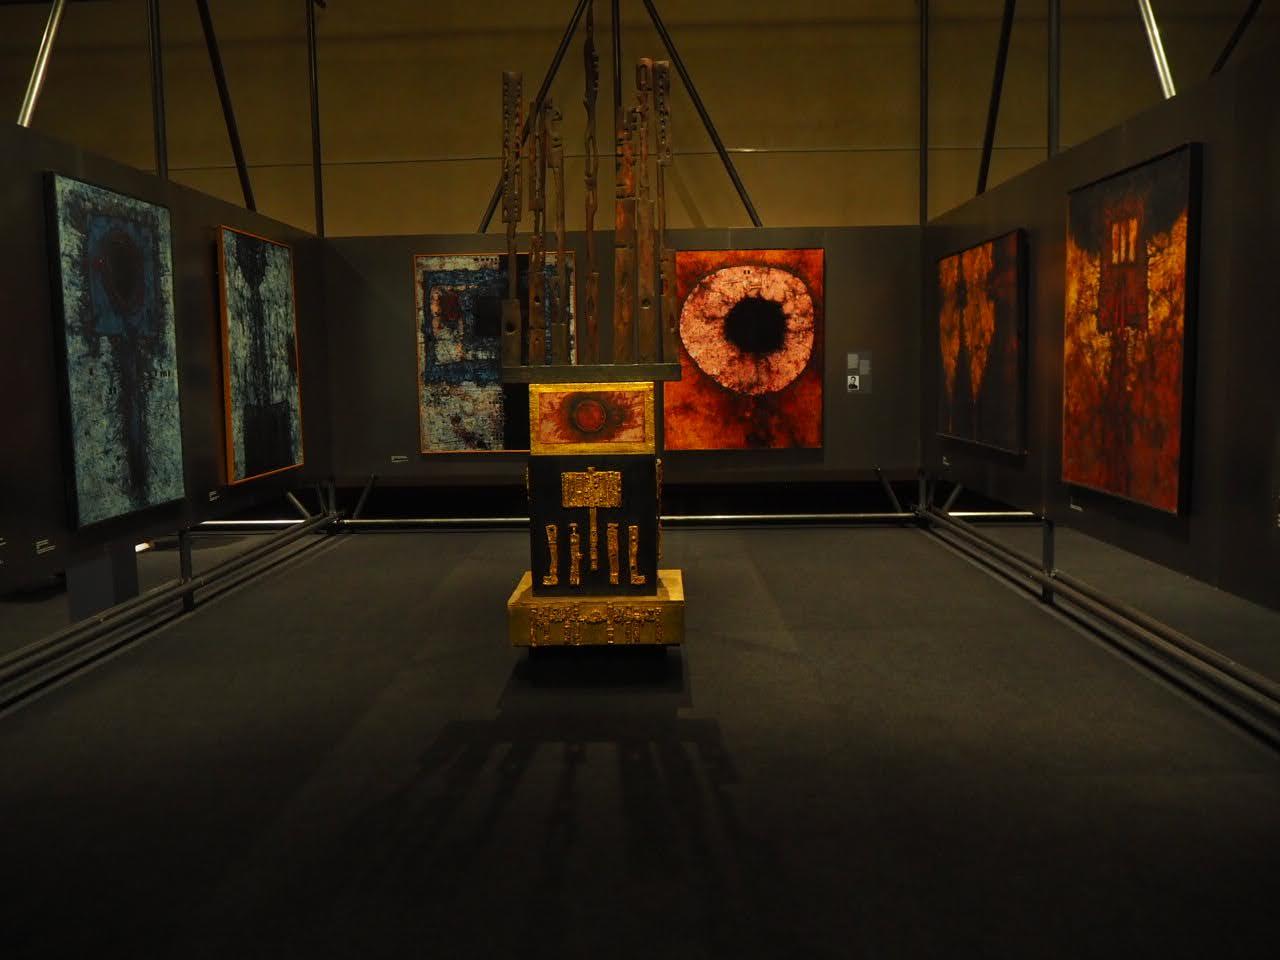 Mikuláš Medek Nahý v trní národní galerie výstava expozice